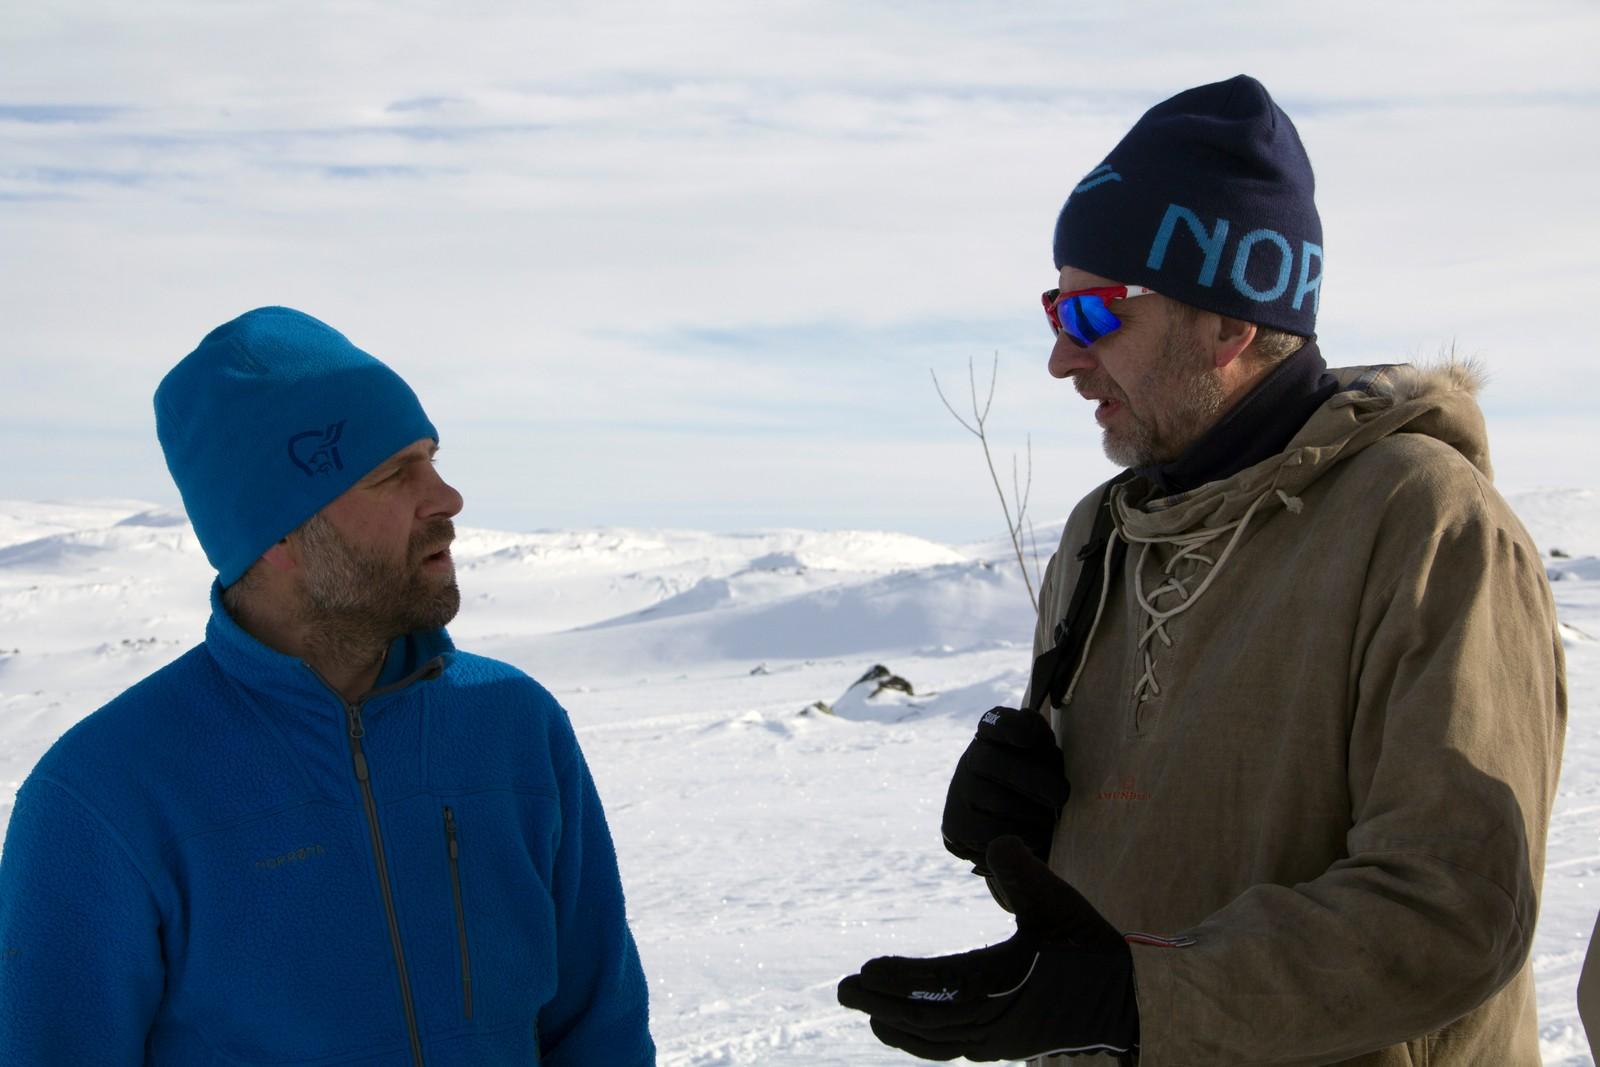 – Deltakerne skaper minner. Vi sørger for at det skjer trygt, sier Harald Kippenes. Her slår han av en prat med Tore Haugvaldstad.